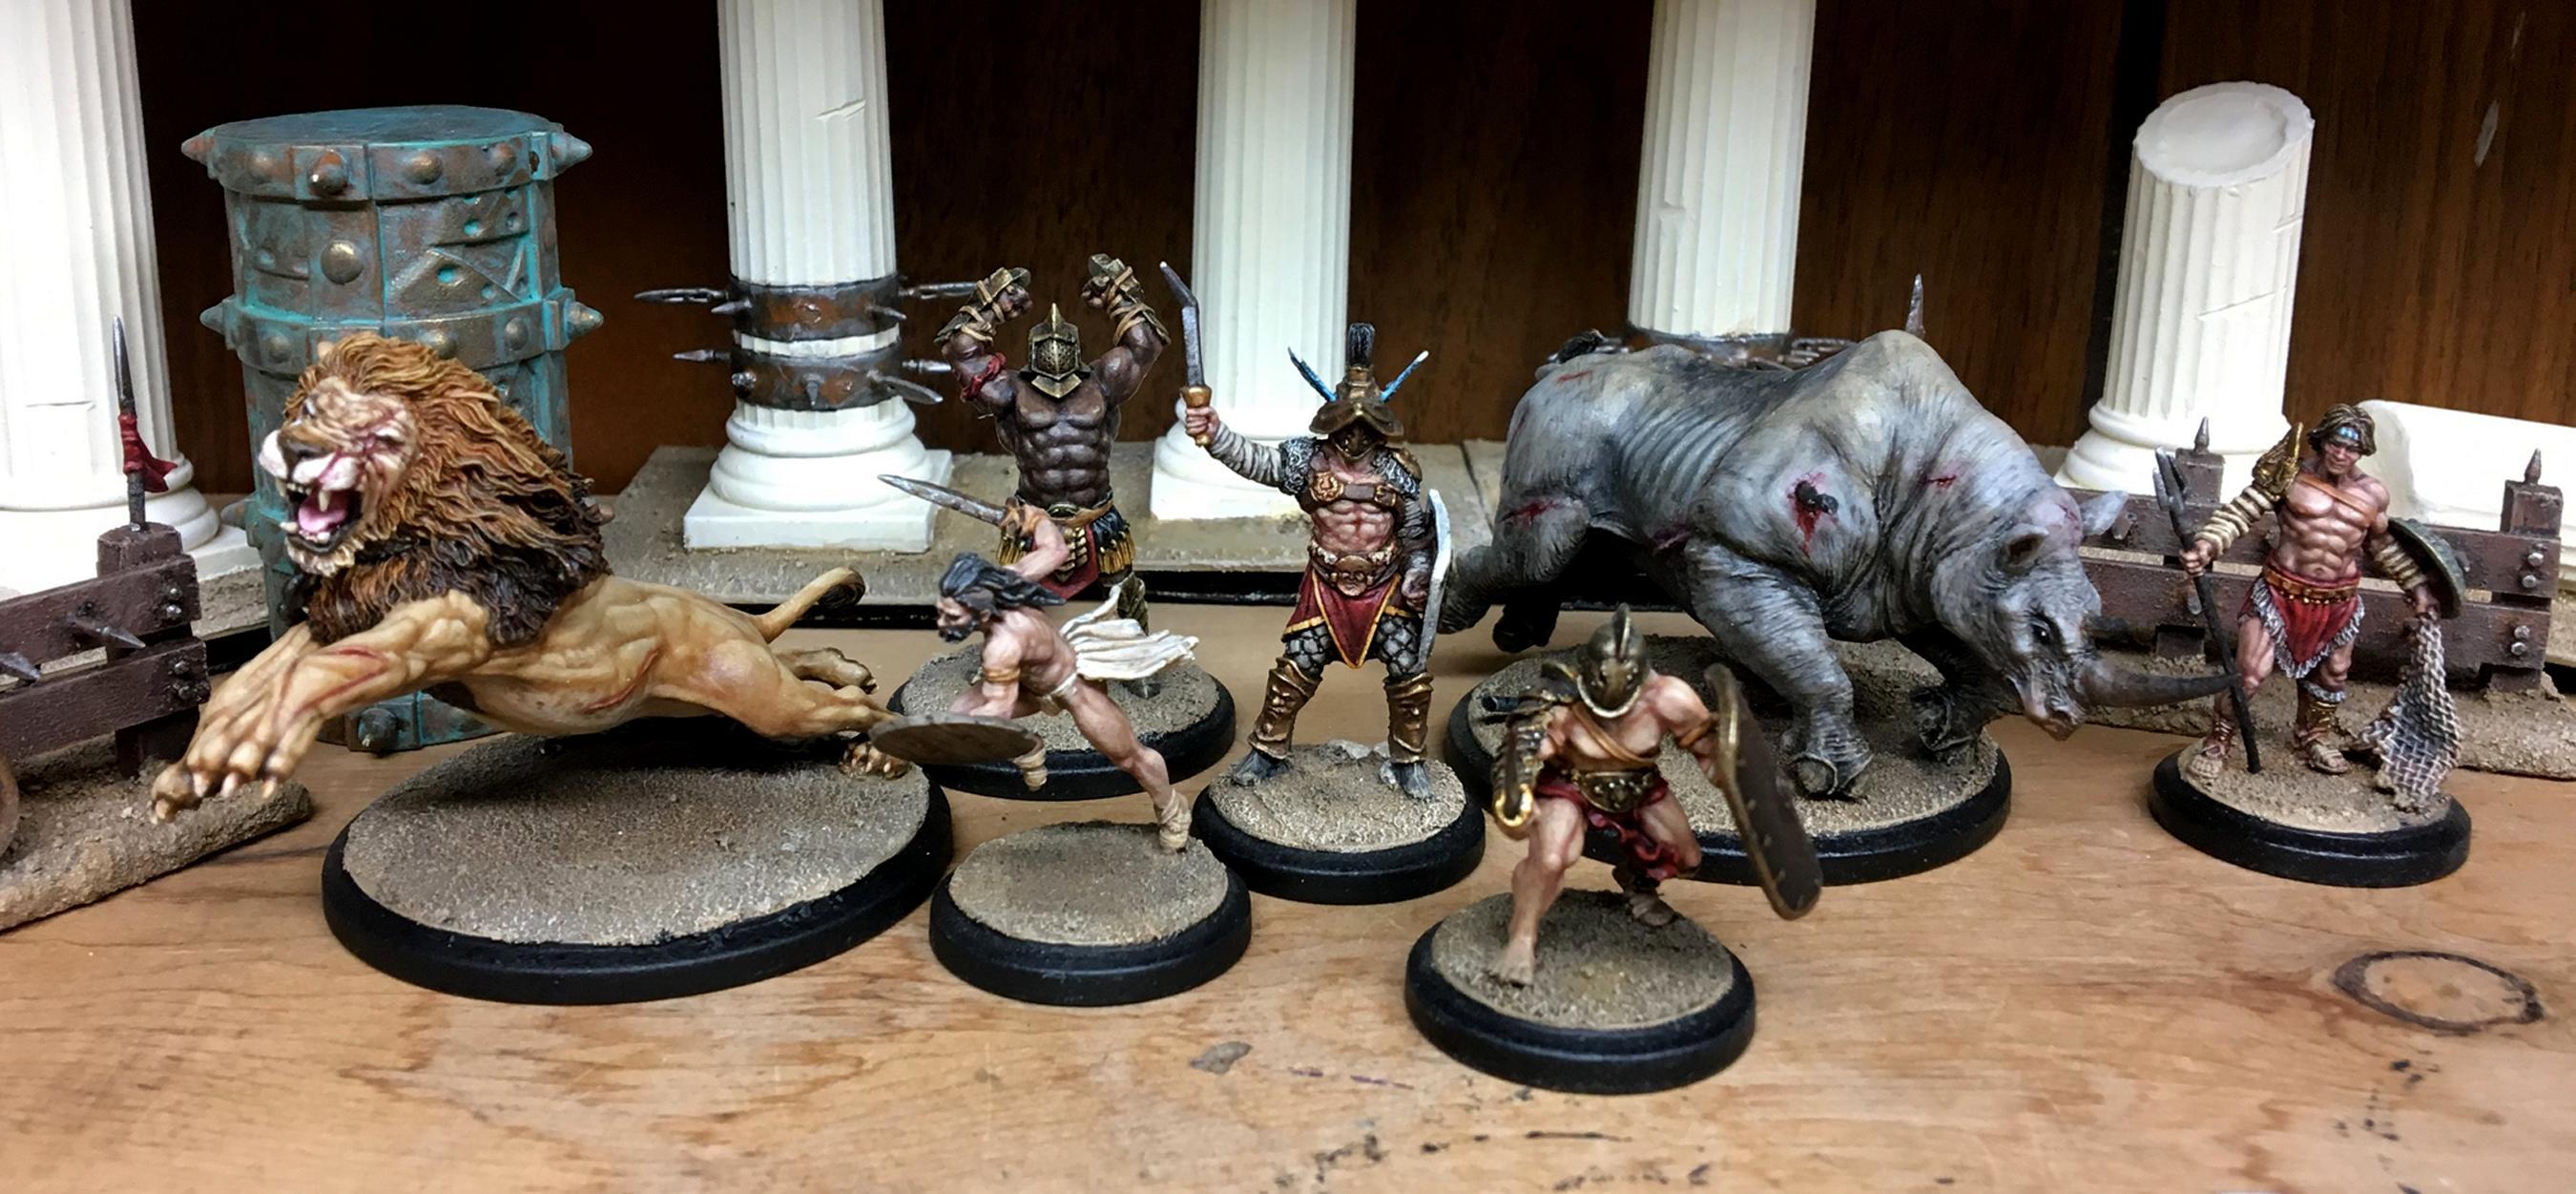 Acerbus, Arena Rex, Beast, Cestus, Gladiator, Gladiators, Hermes, Leo, Lion, Ludus Magnus, Marcus Furius, Micon, Noxius, Red Republic Games, Retiarius, Rhino, Urbicus